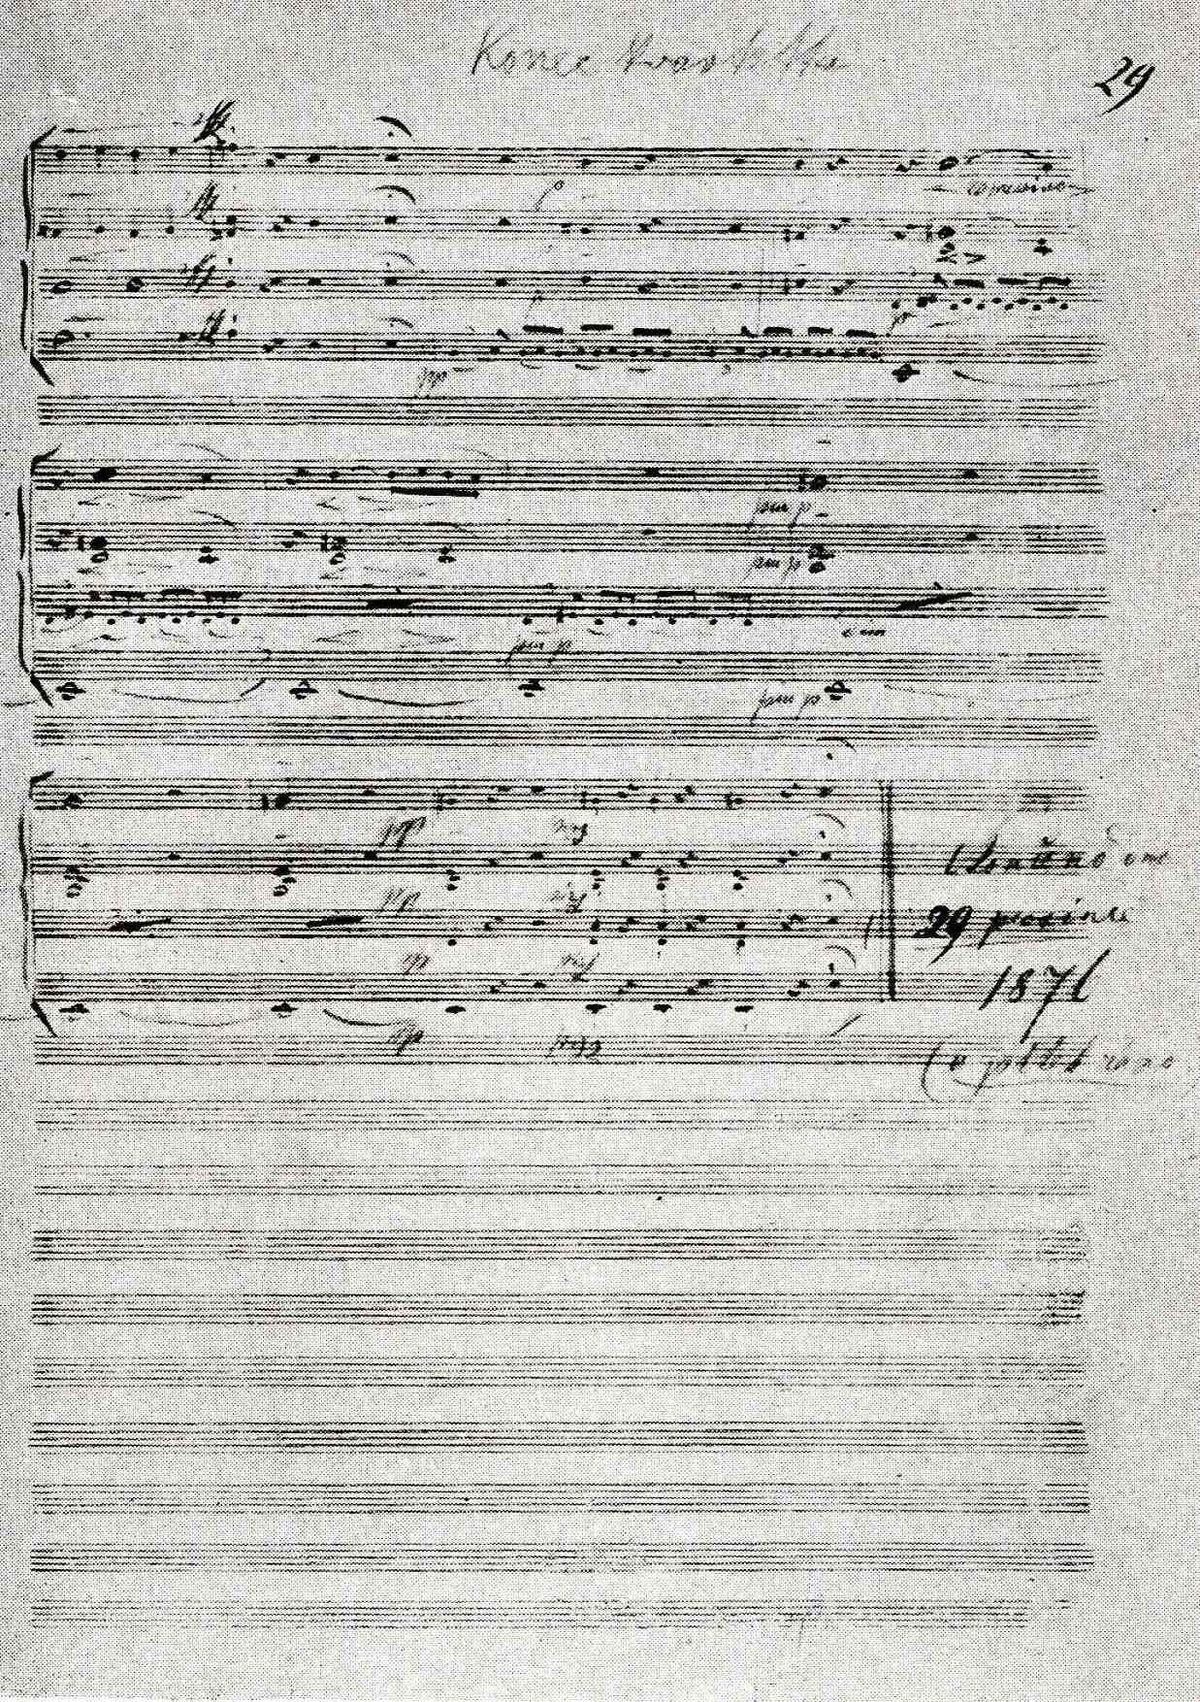 Letter Composer